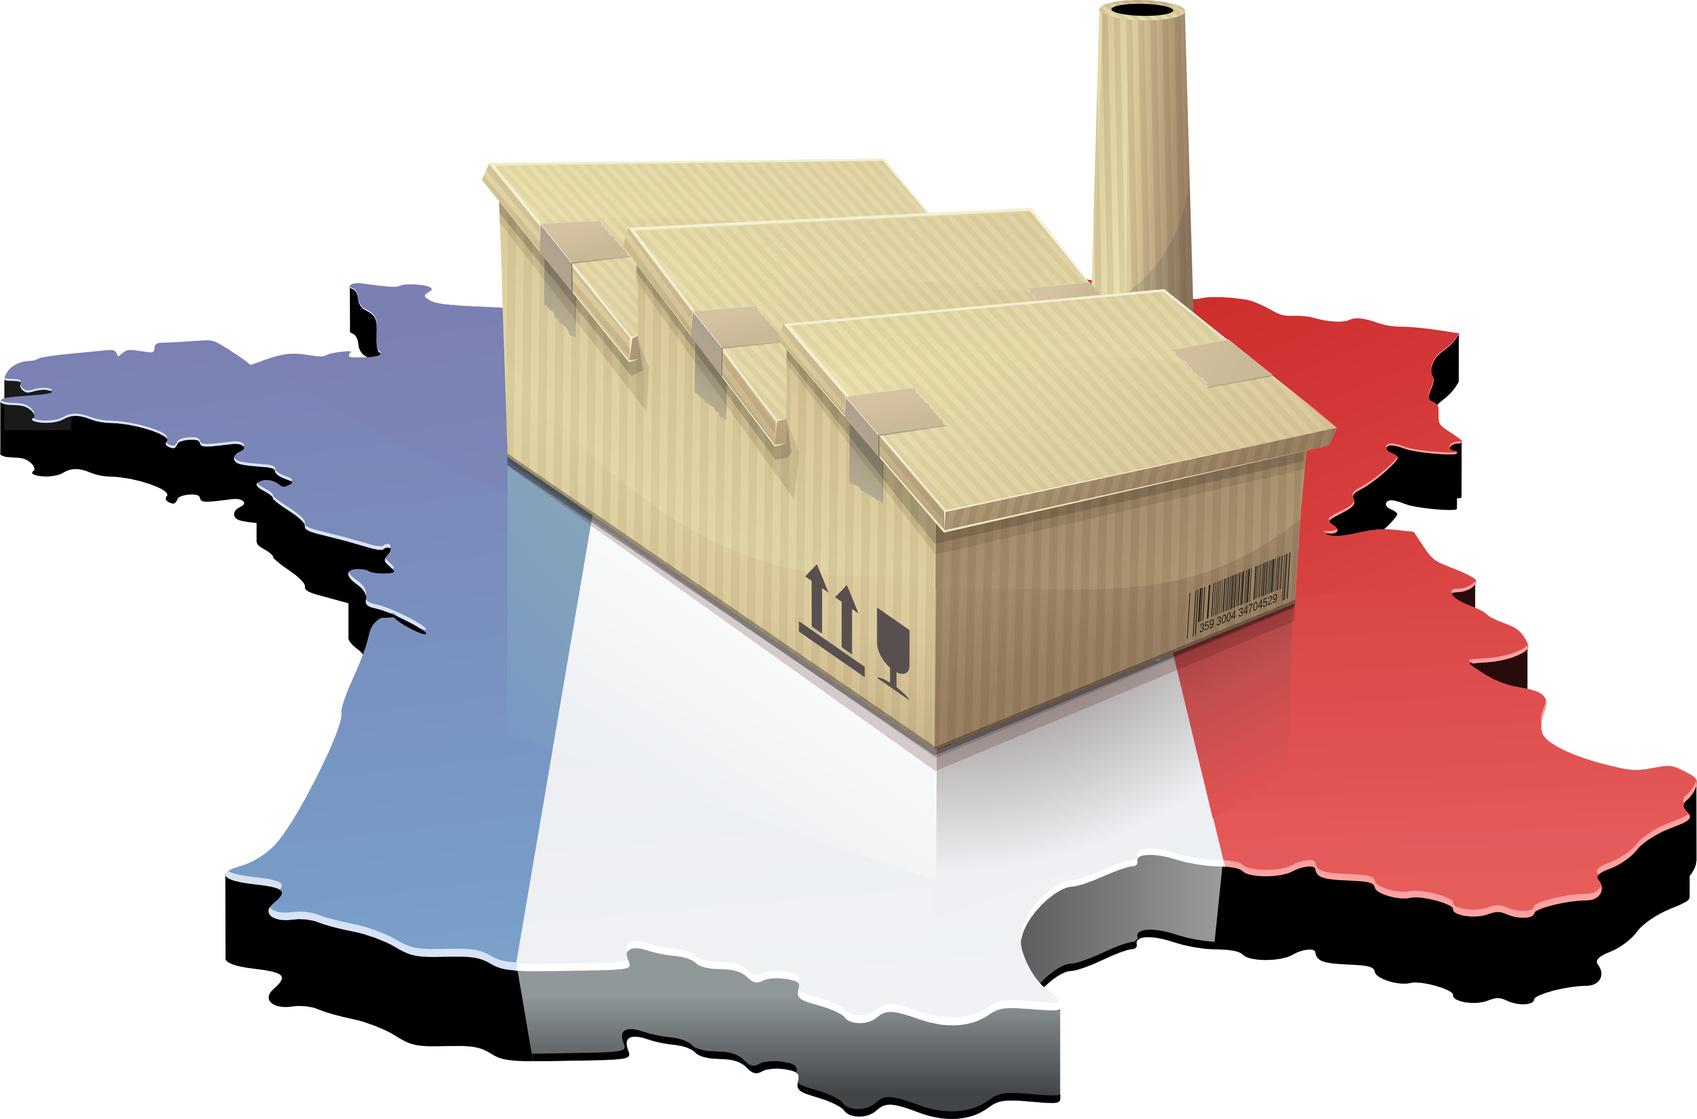 Implantation industrielle la r alit des chiffres france implantation ent - Usine imerys en france ...